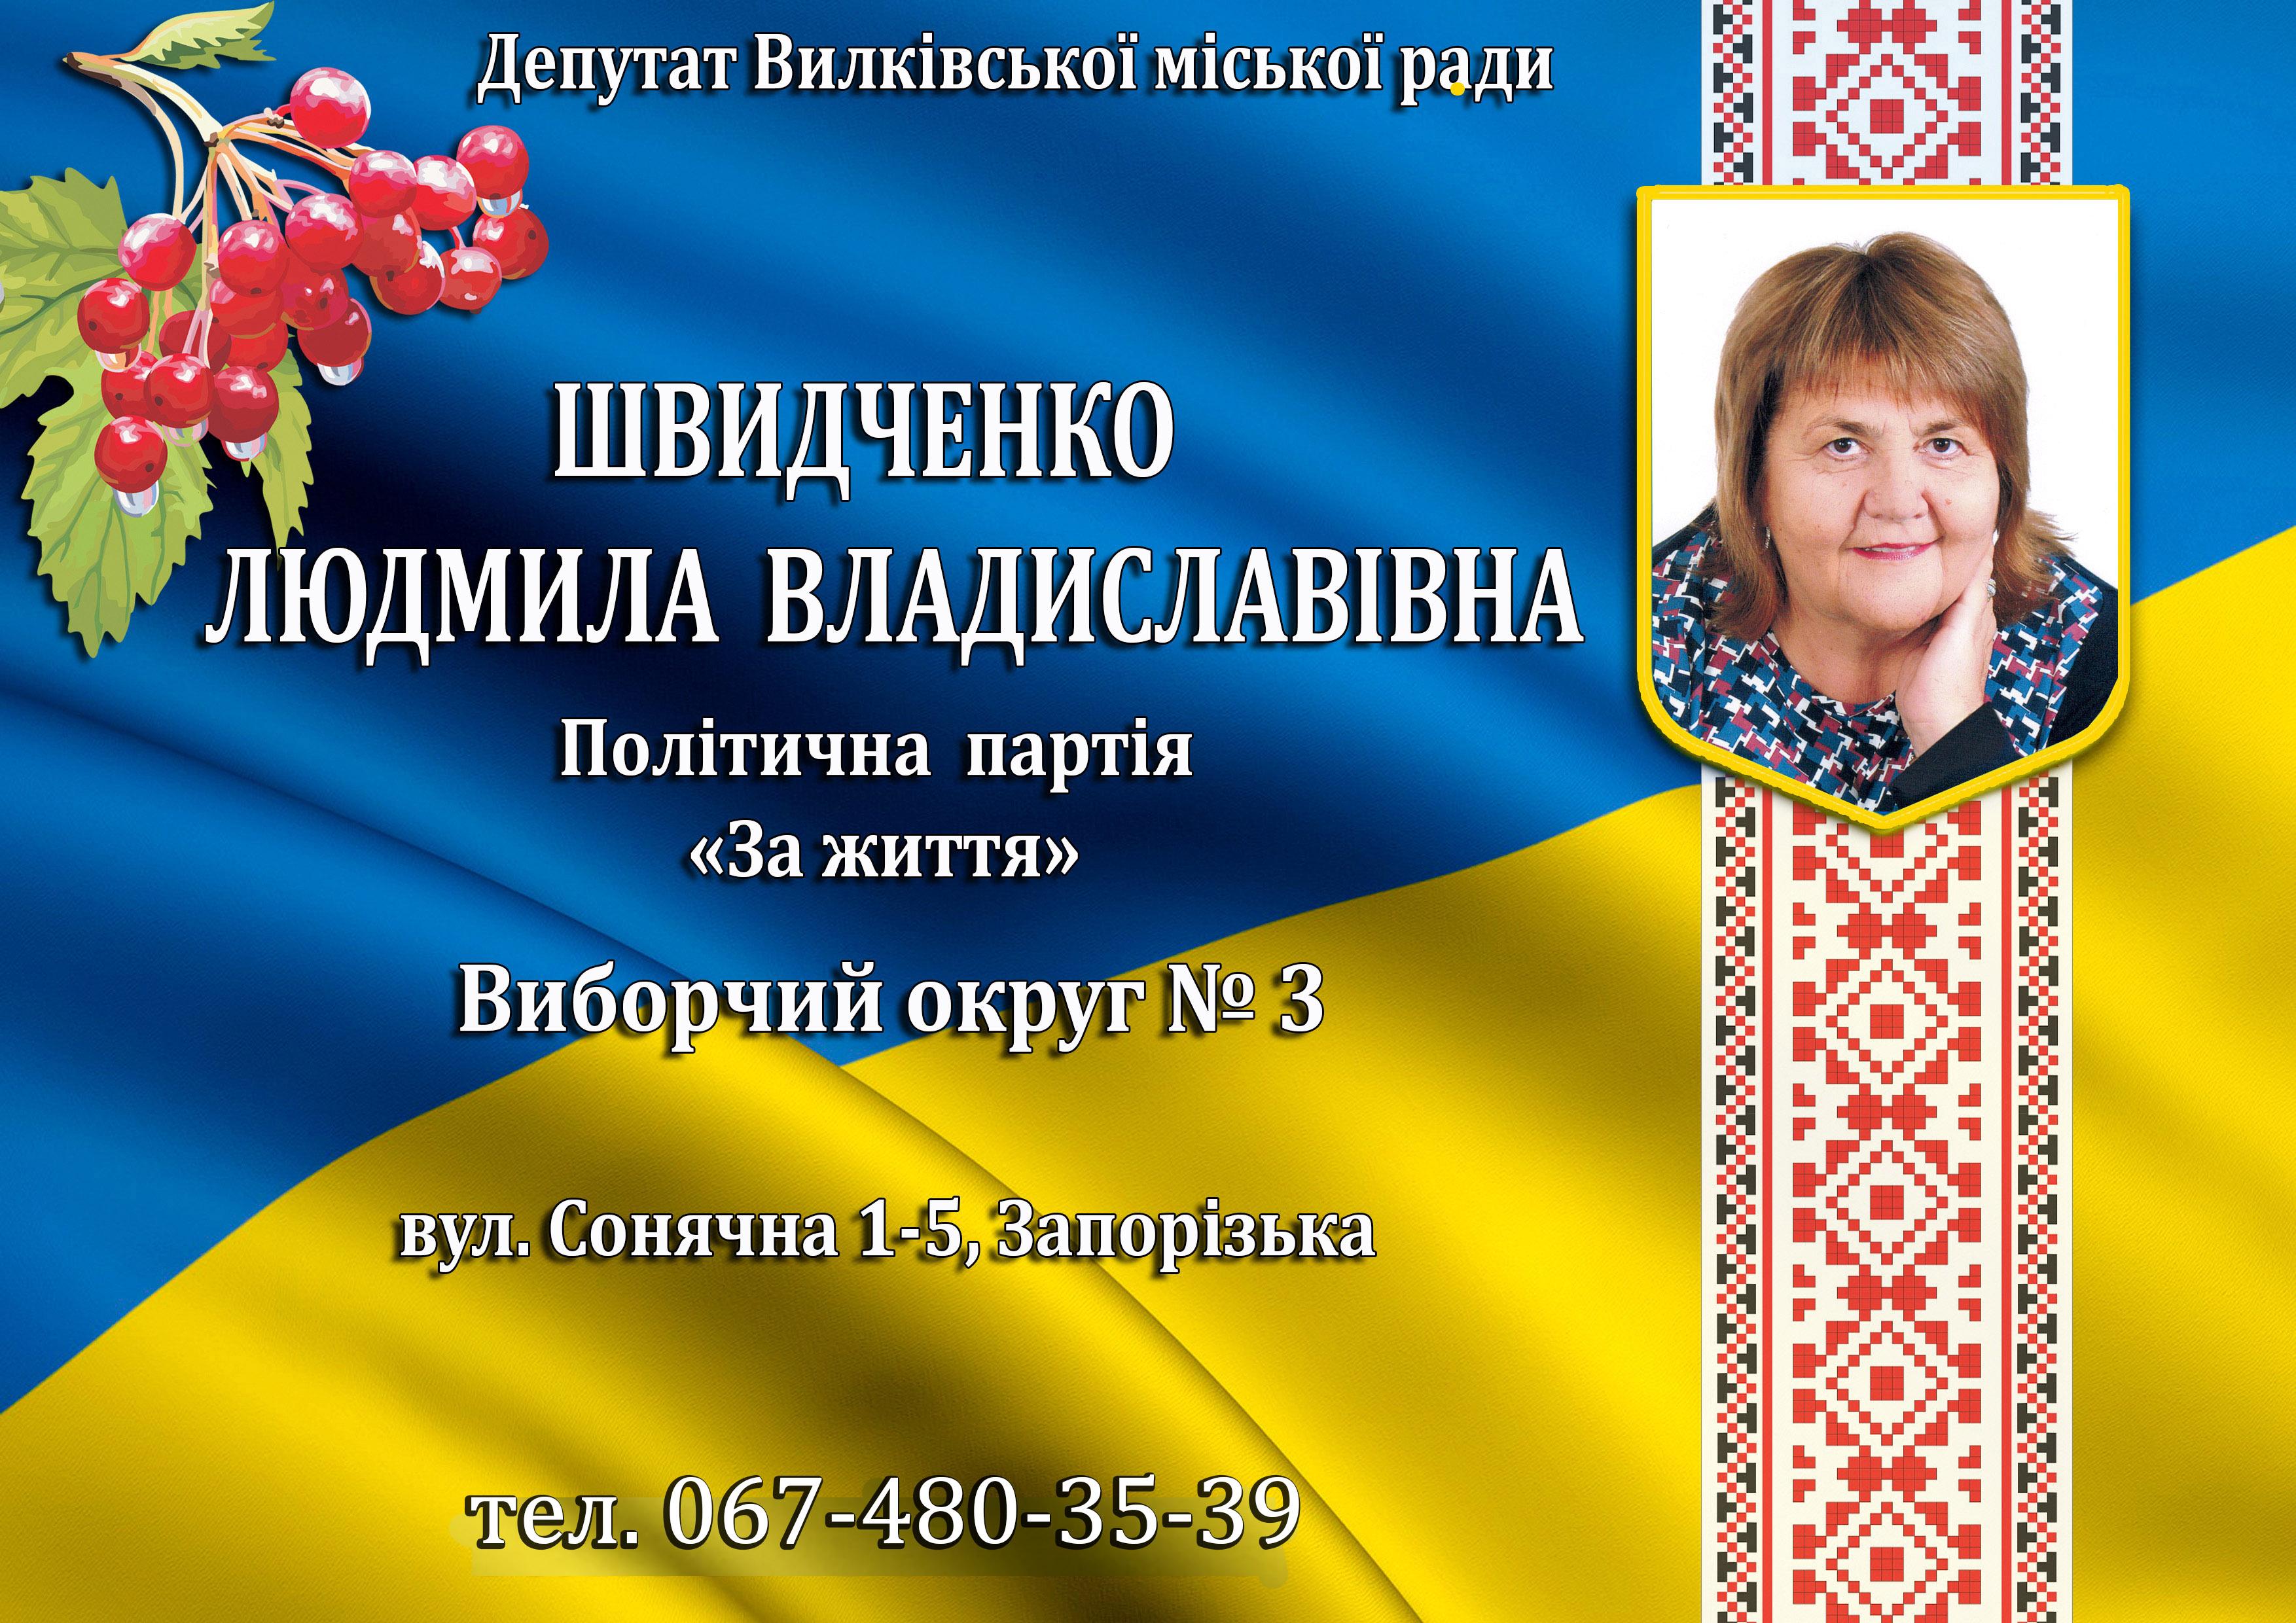 Швидченко Людмила Владиславівна